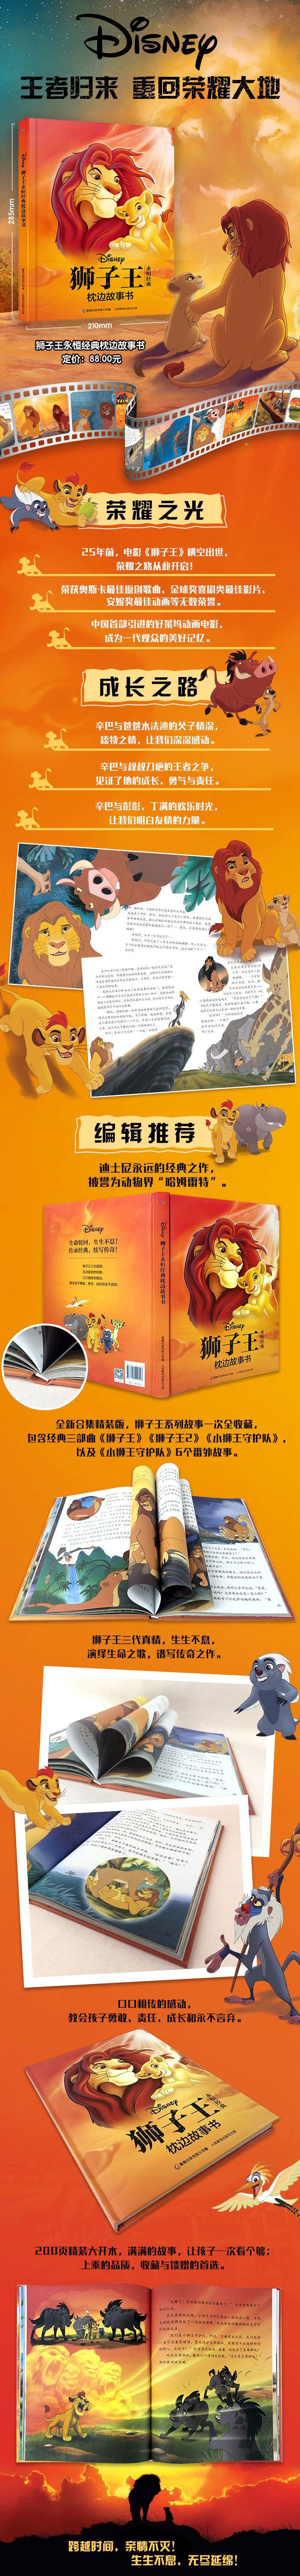 狮子王插图.jpg